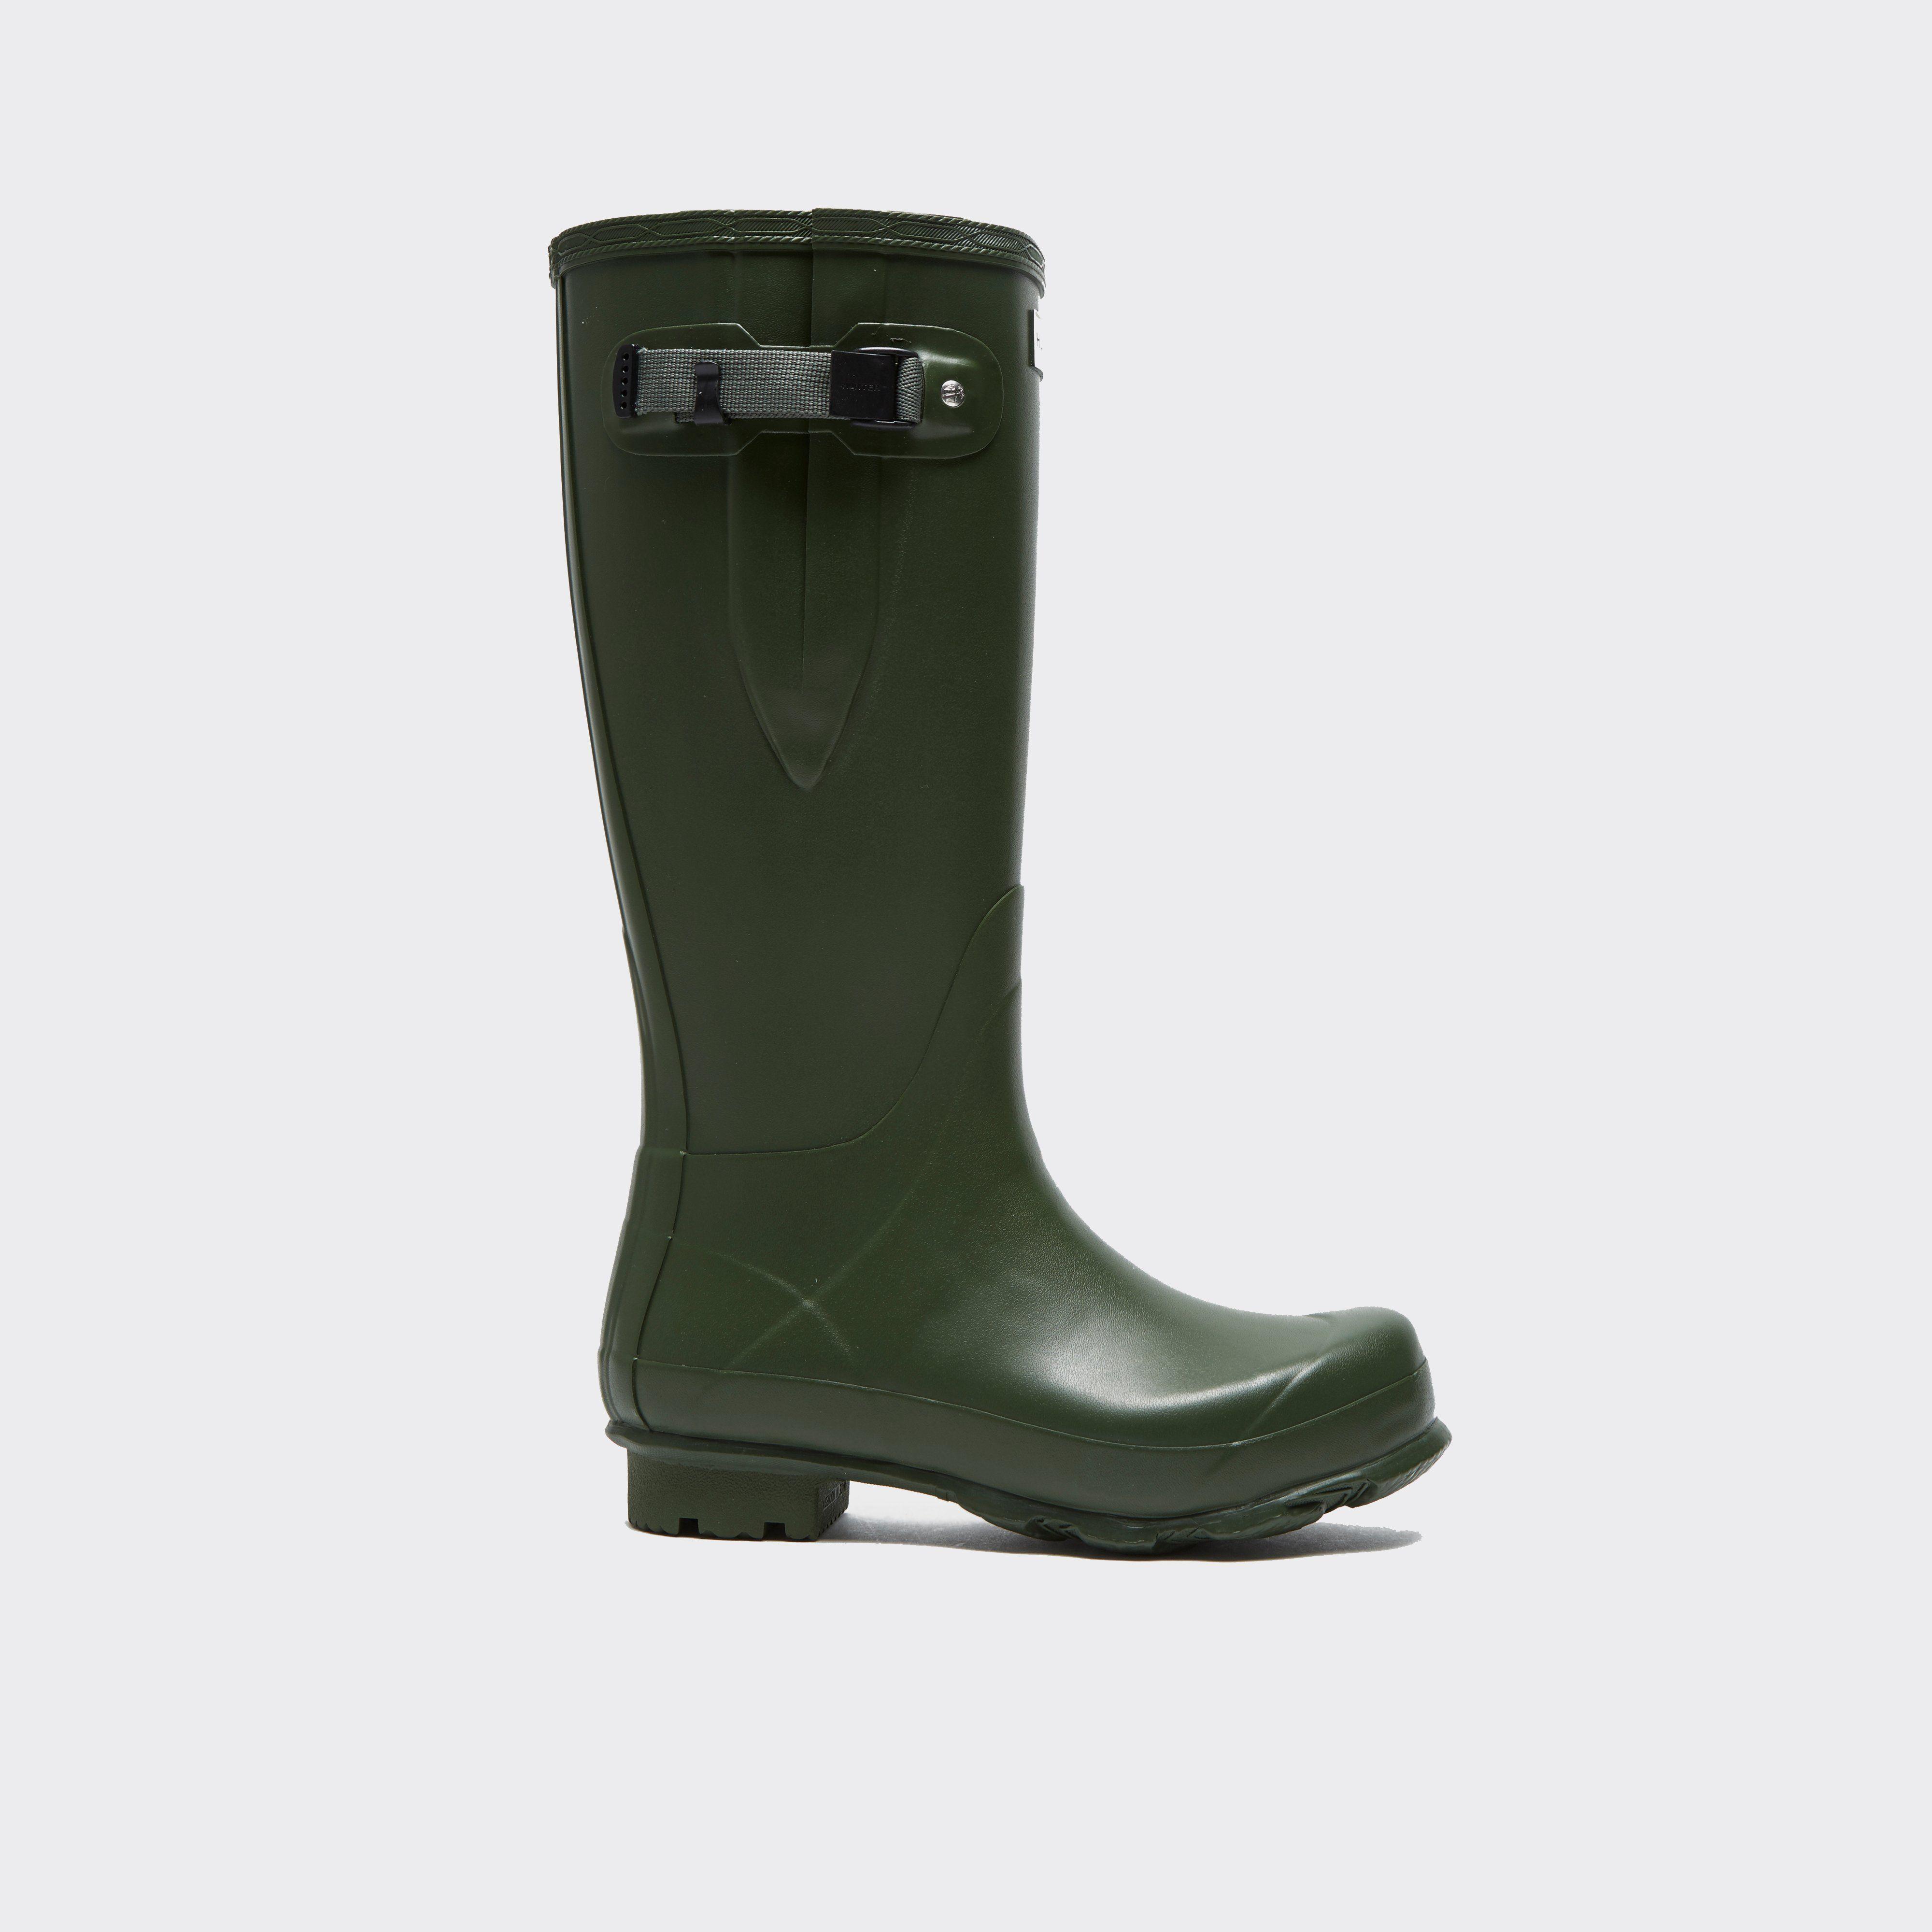 HUNTER Men's Norris Field Adjustable Wellington Boot